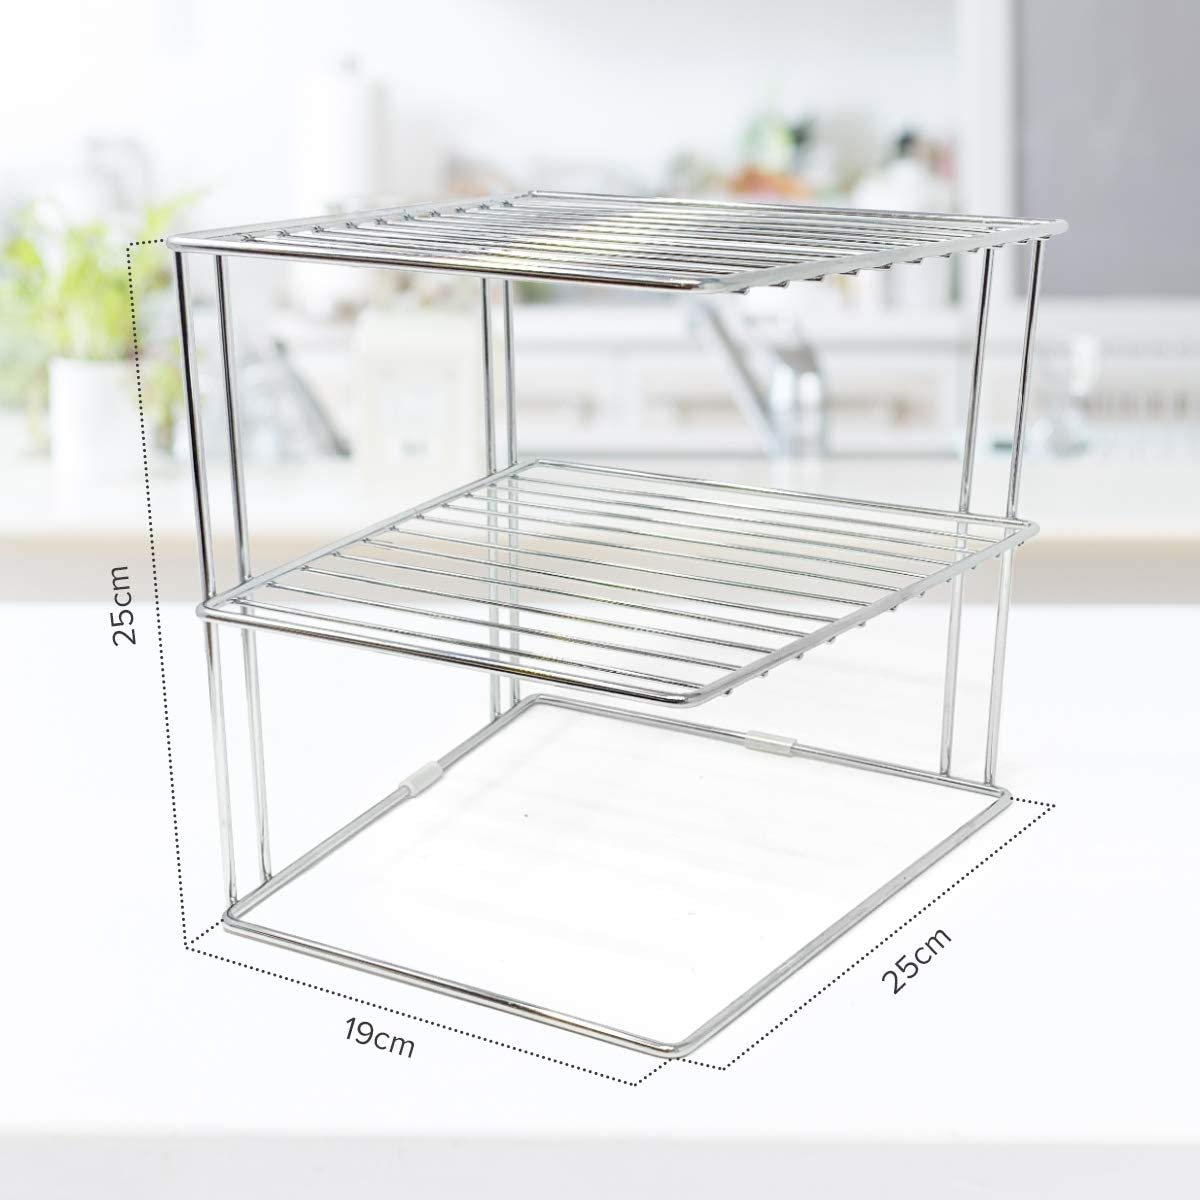 plateado soporte platos para almacenamiento en armarios de cocina Estante para platos Organizador platos estante cocina de 25x25x19cm